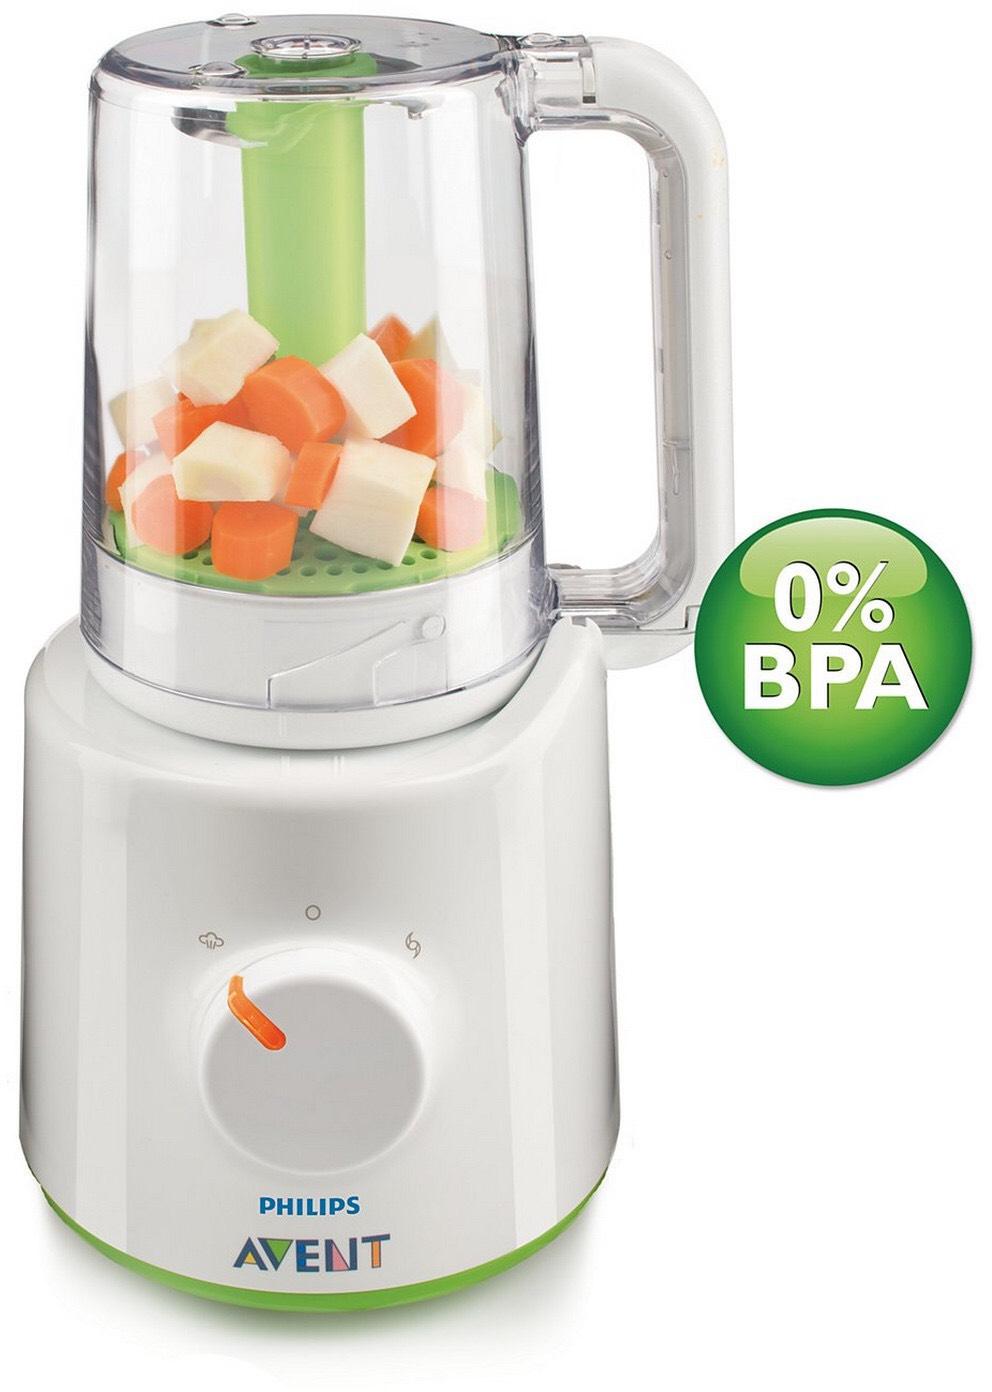 Philips Avent 2-in-1 Babynahrungszubereiter [Dampfgarer und Mixer] für 59,95€ inkl. Versand